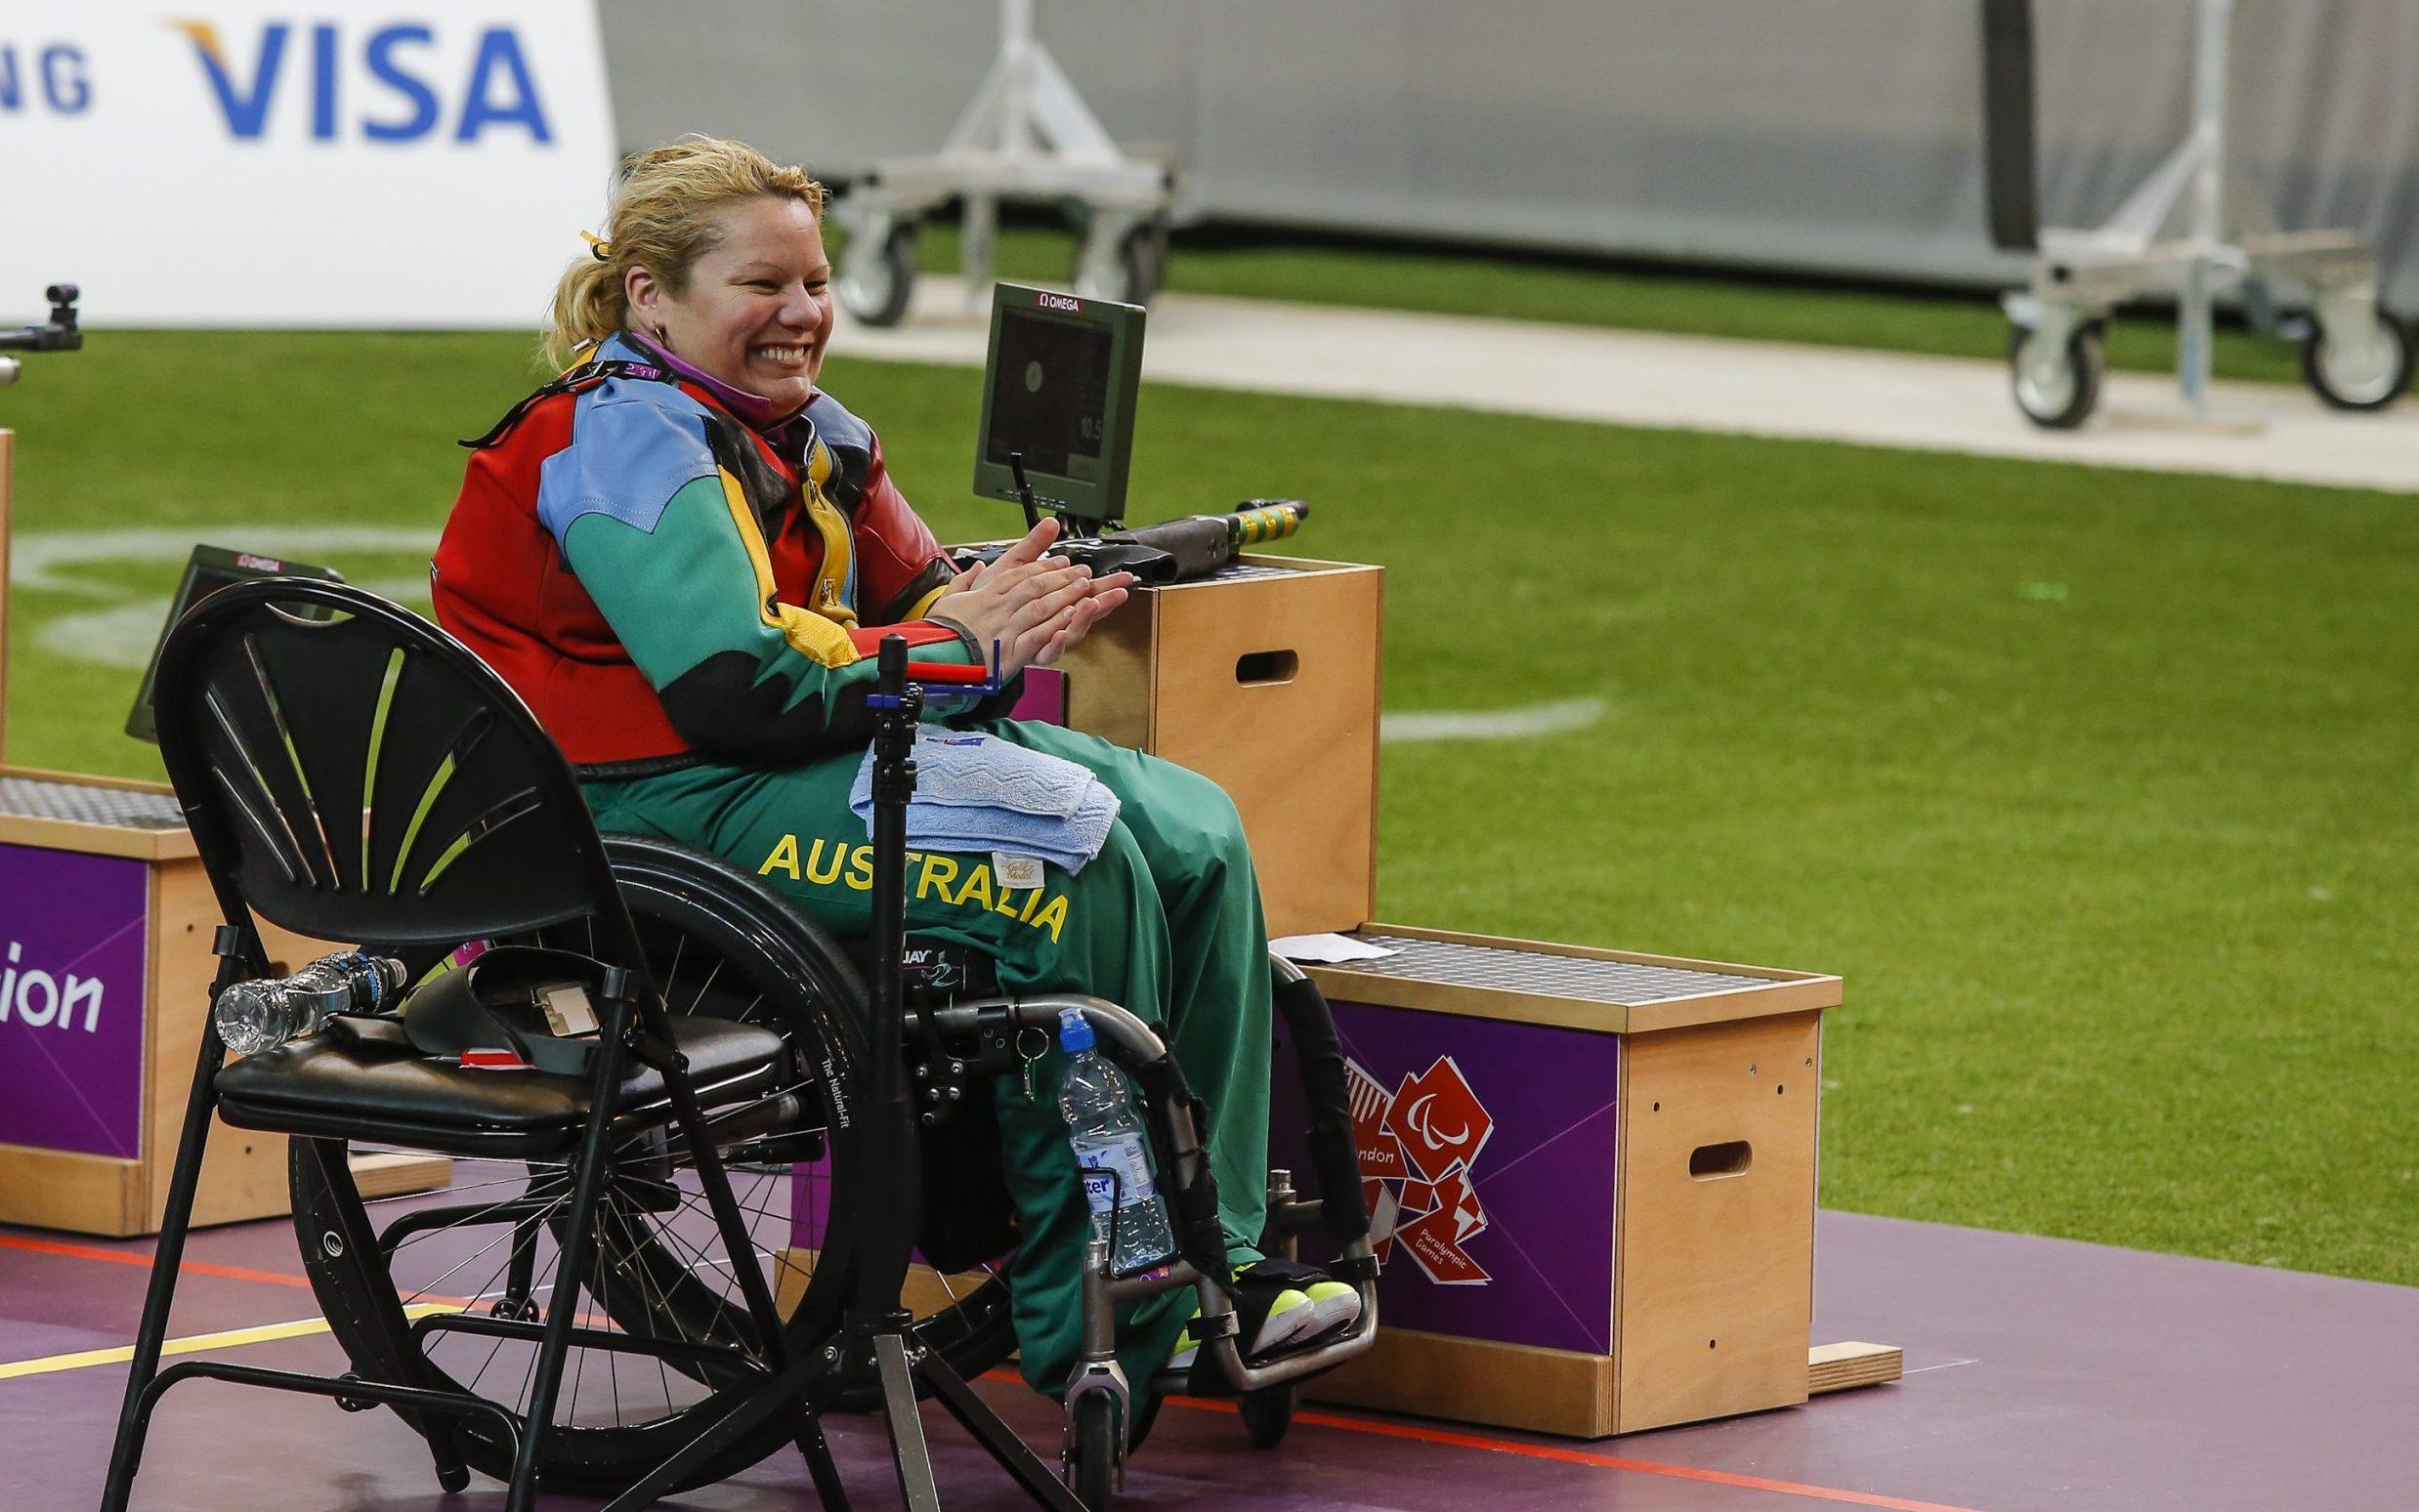 Smith smashes Australian record en route to gold